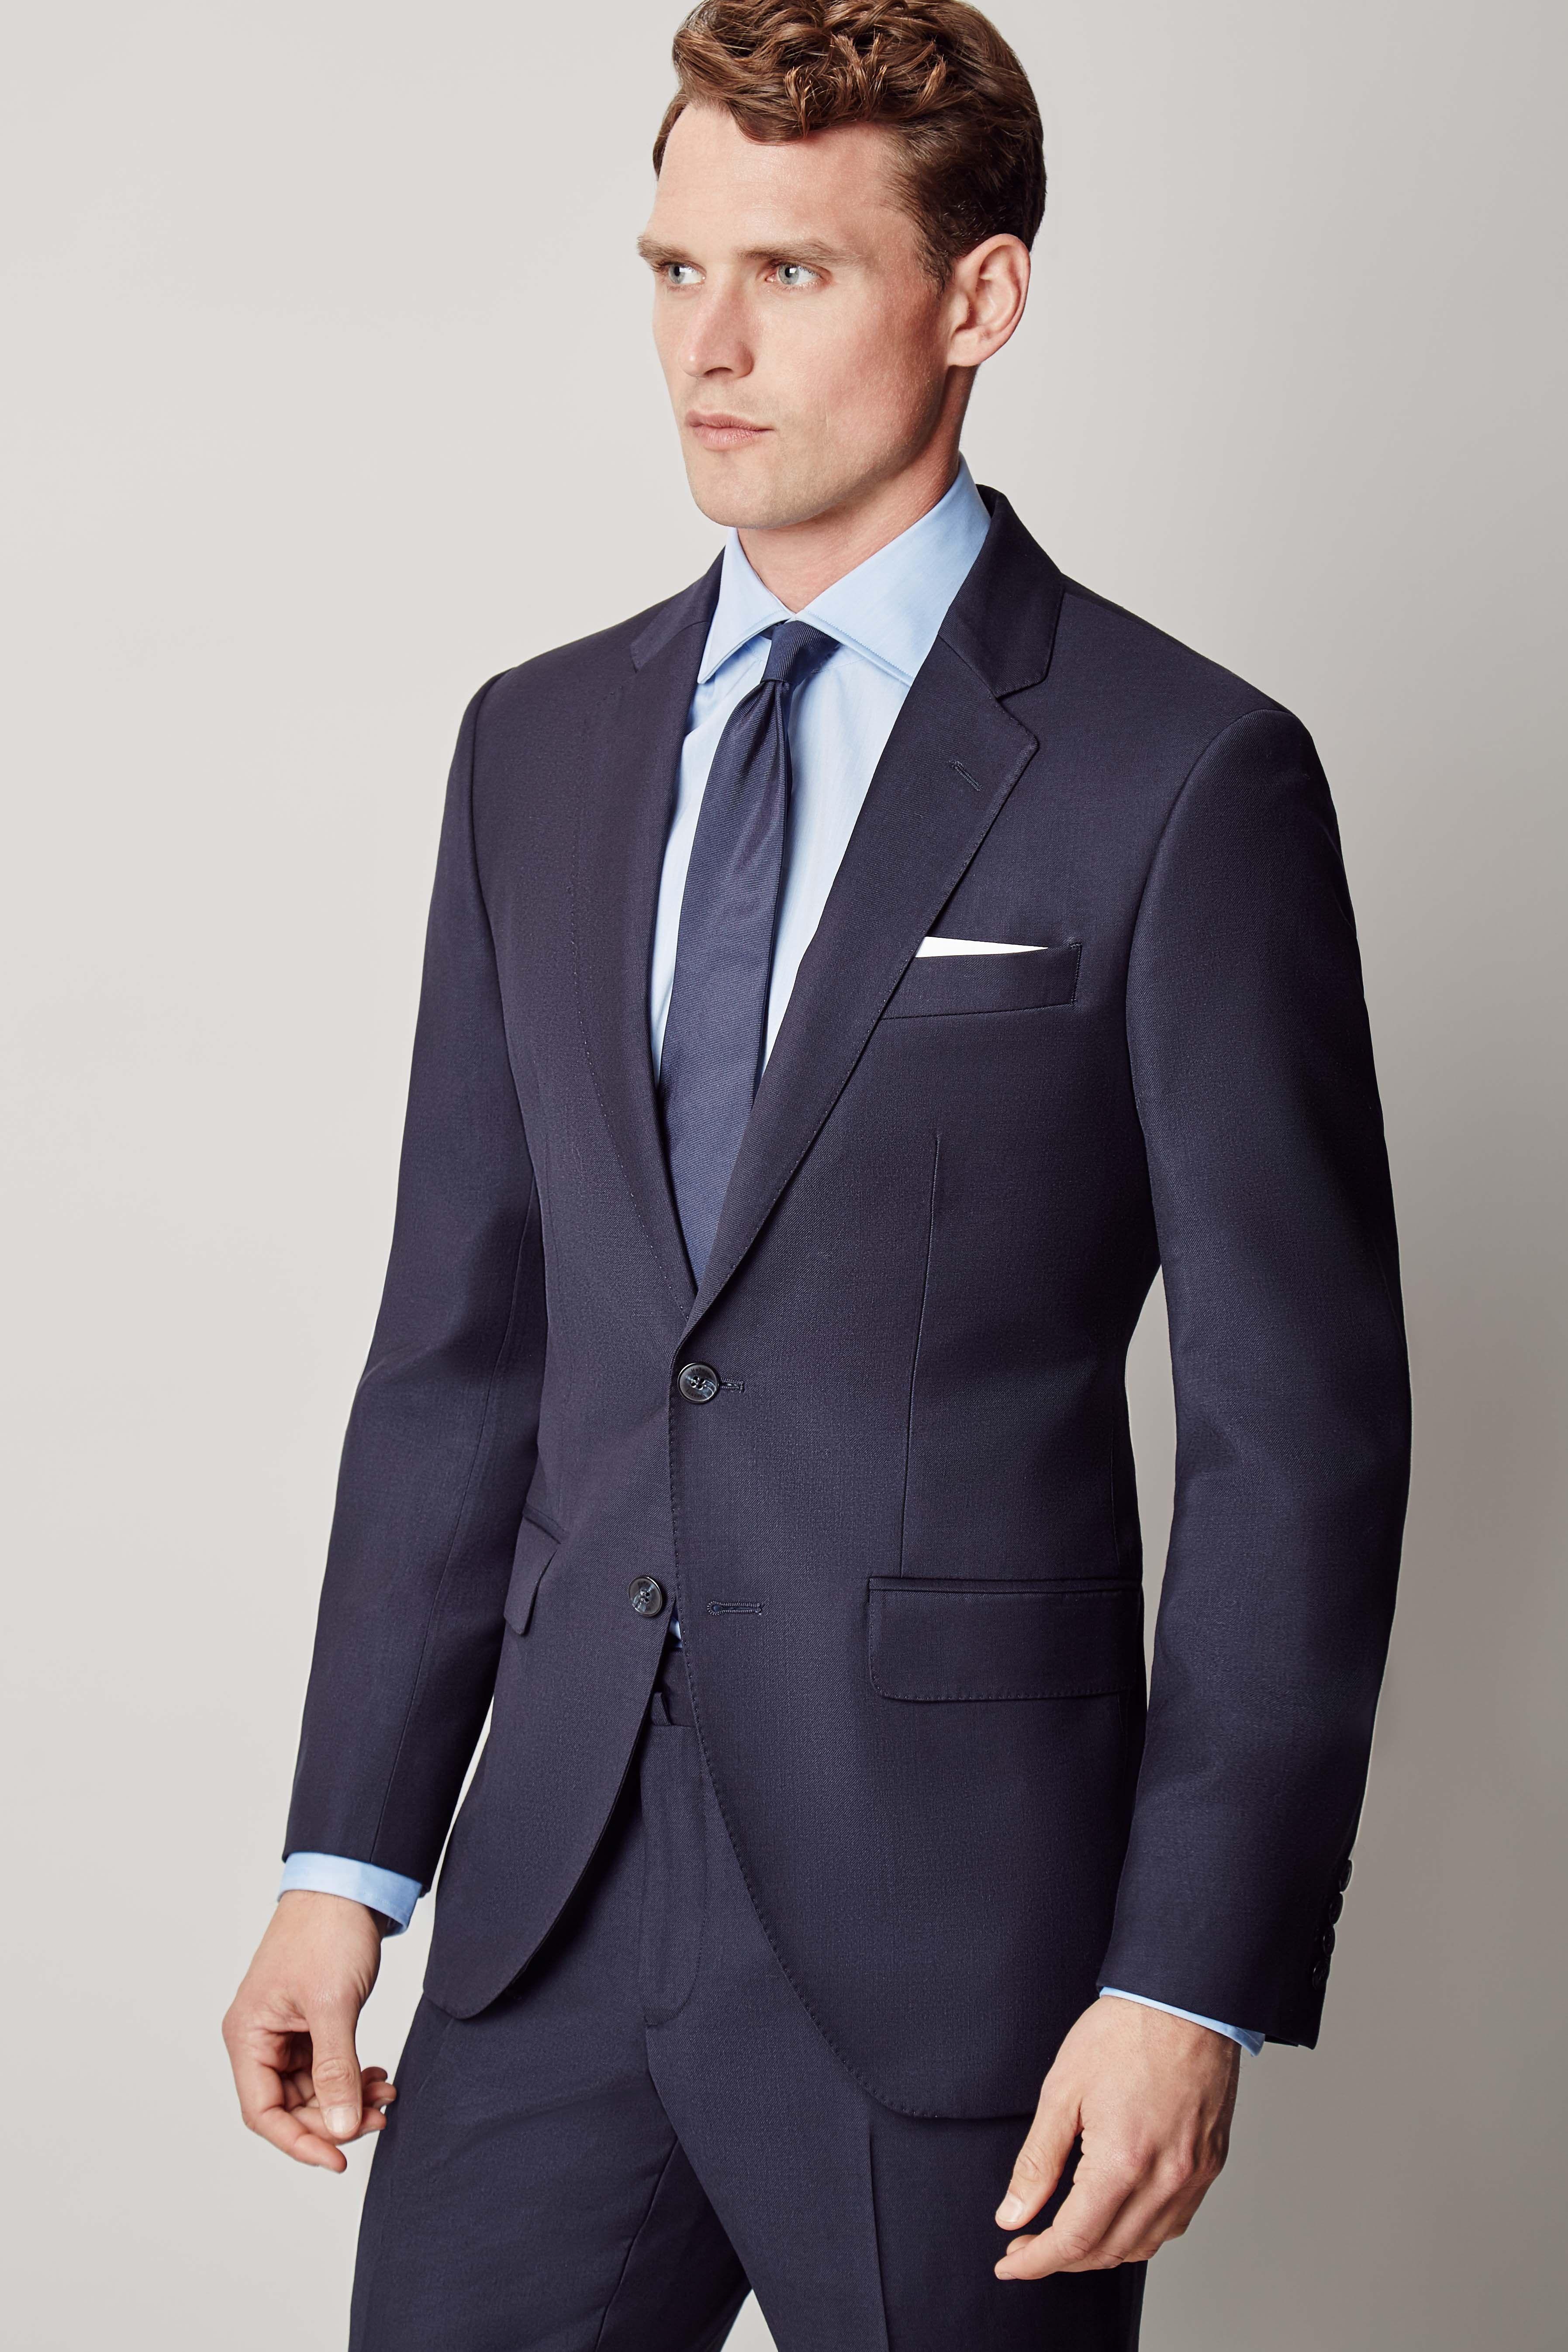 Veste de costume ajustée Mayfair - Costumes - Clothing - Hommes   Hackett 261b039e86cf